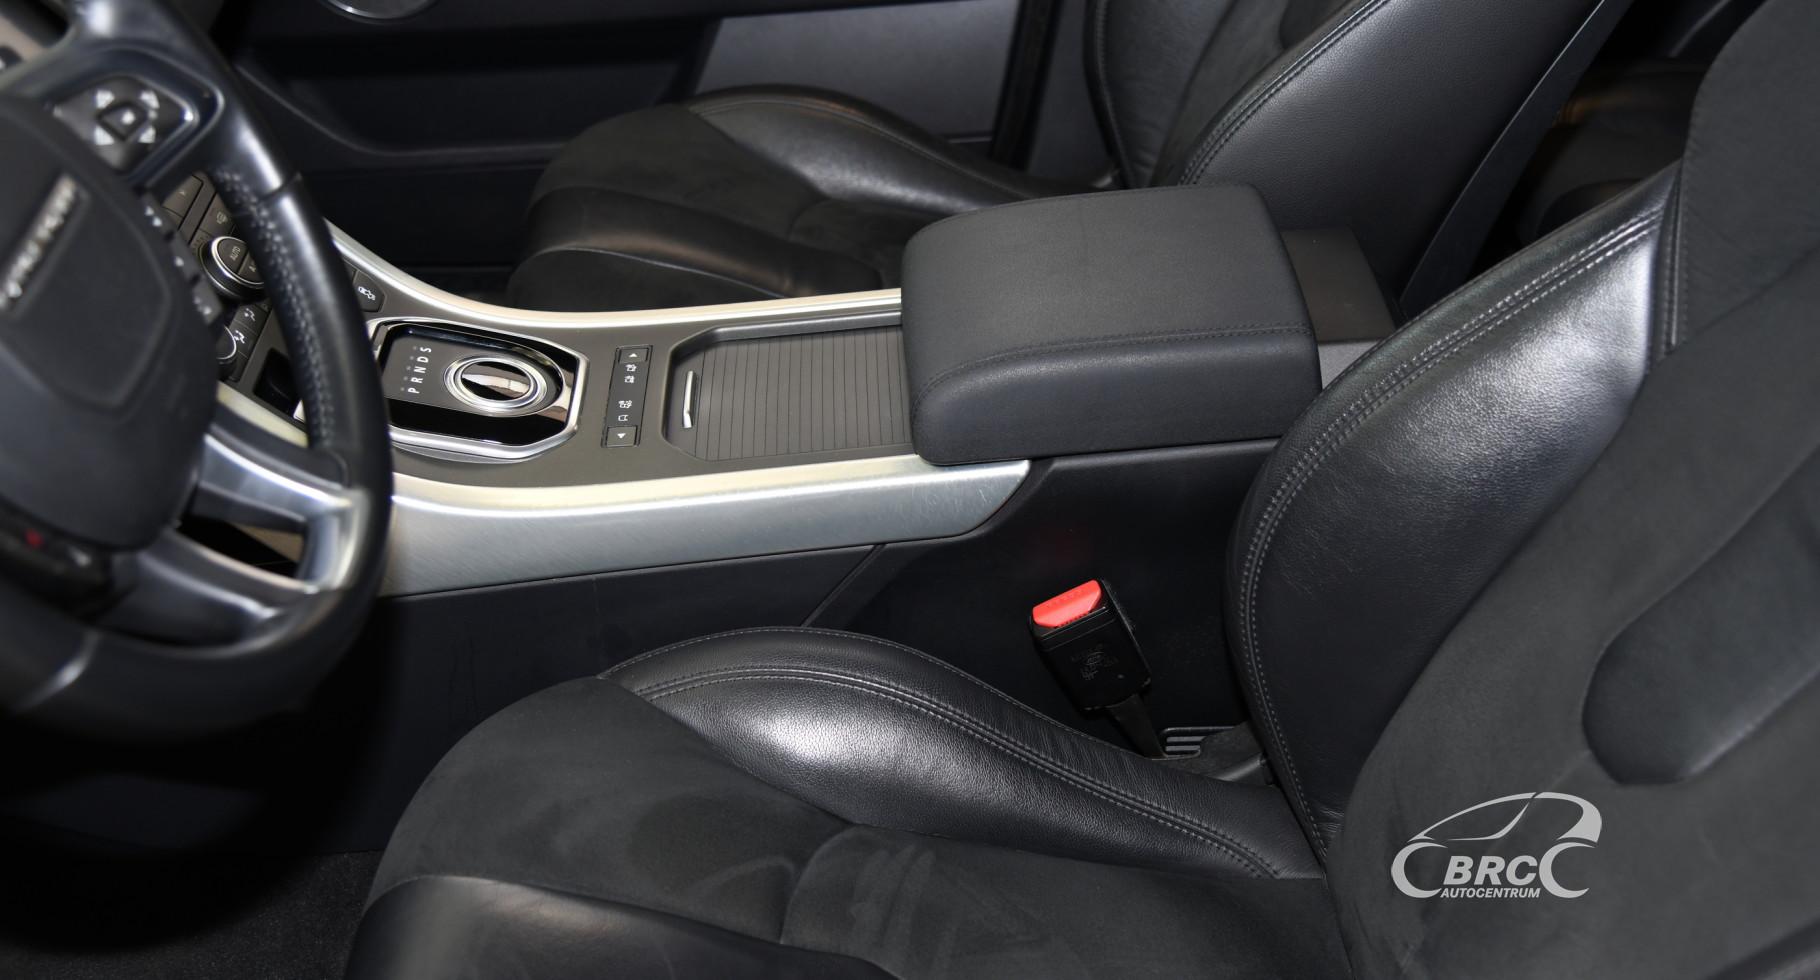 Land-Rover Range Rover Evoque TD4 Automatas